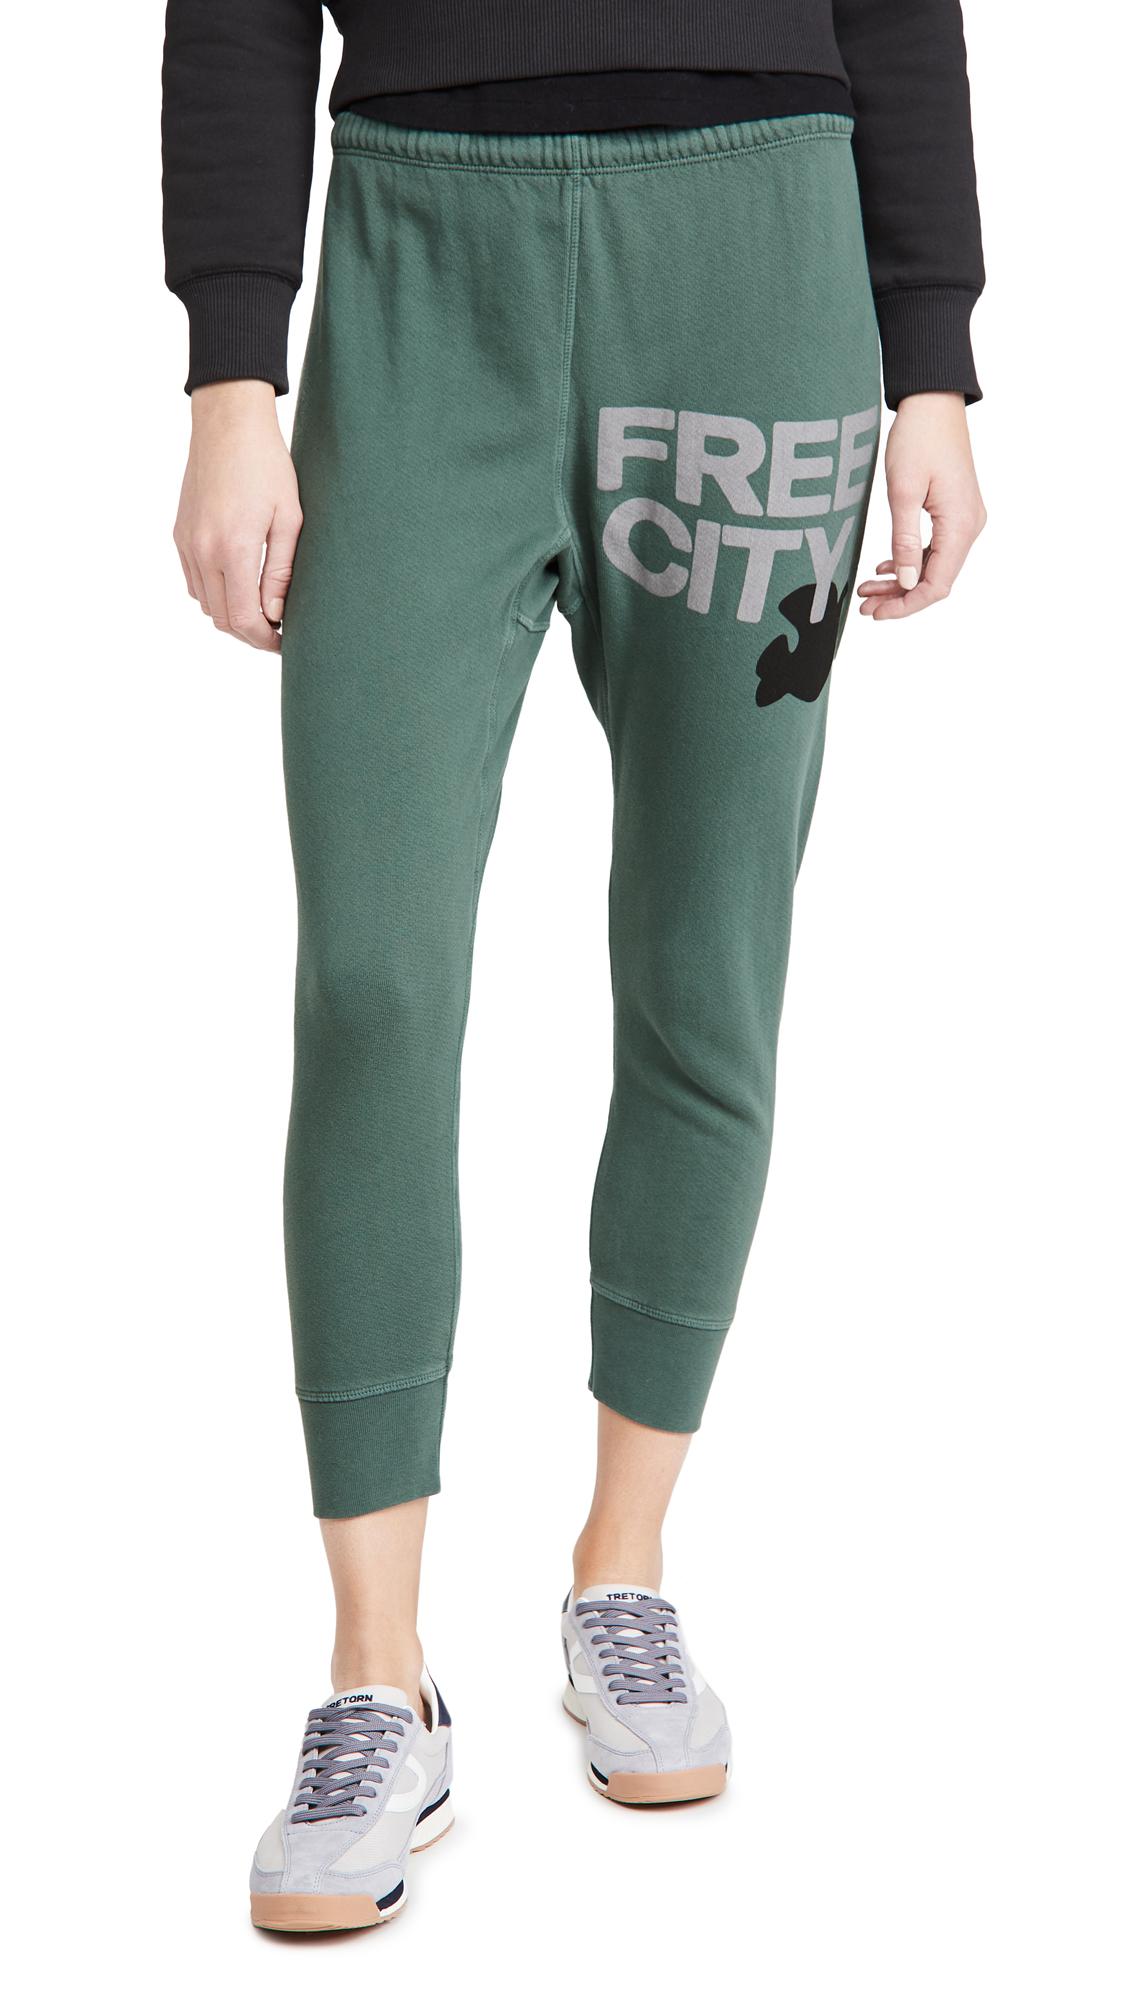 FREECITY Freecity Large 3/4 Sweatpants